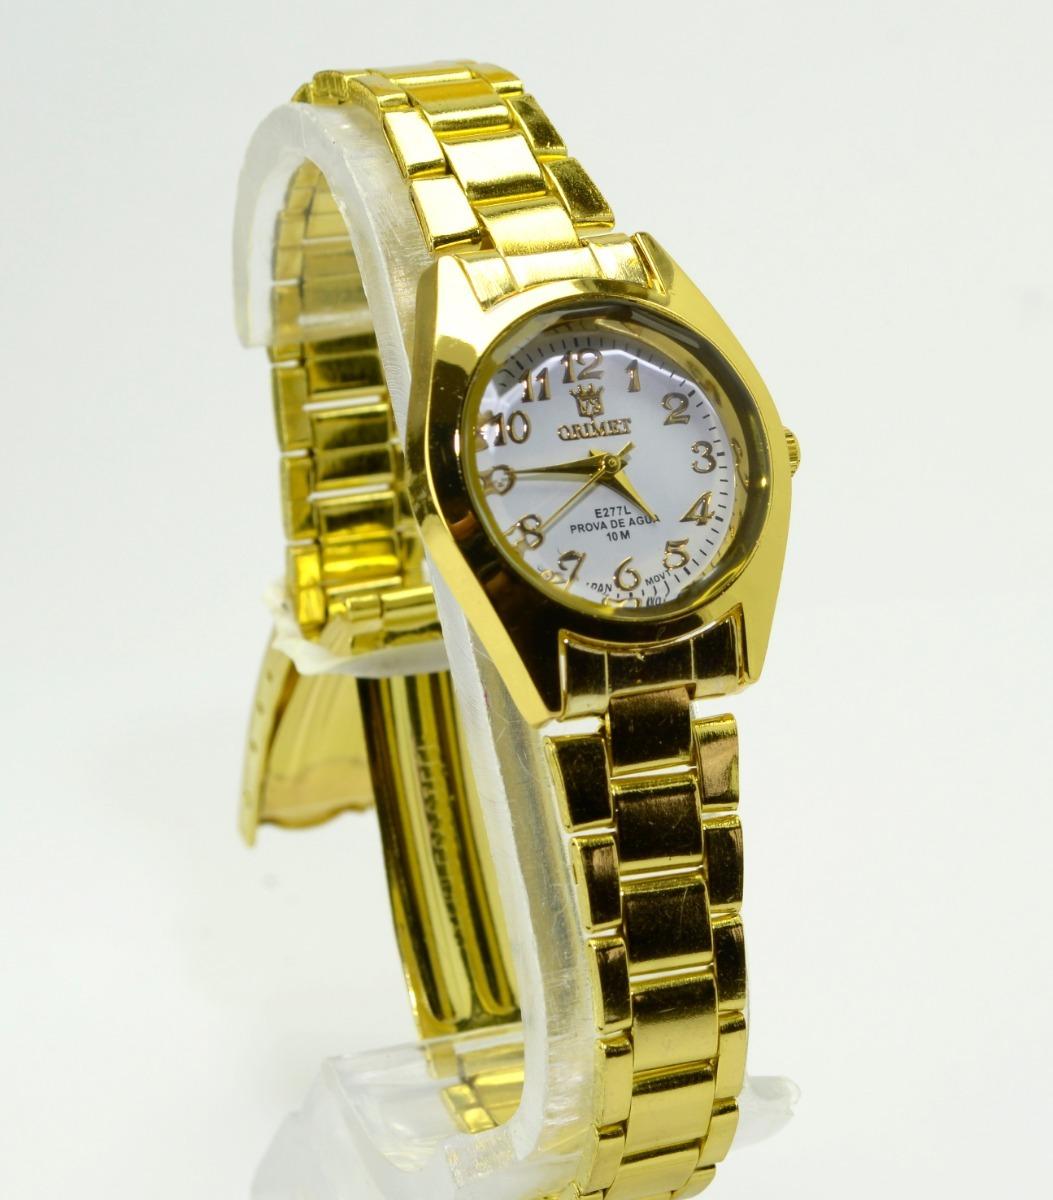 b07fb1e80b7 Relógio Feminino De Pulso Dourado Resistente Orinet Pequeno. - R  32 ...